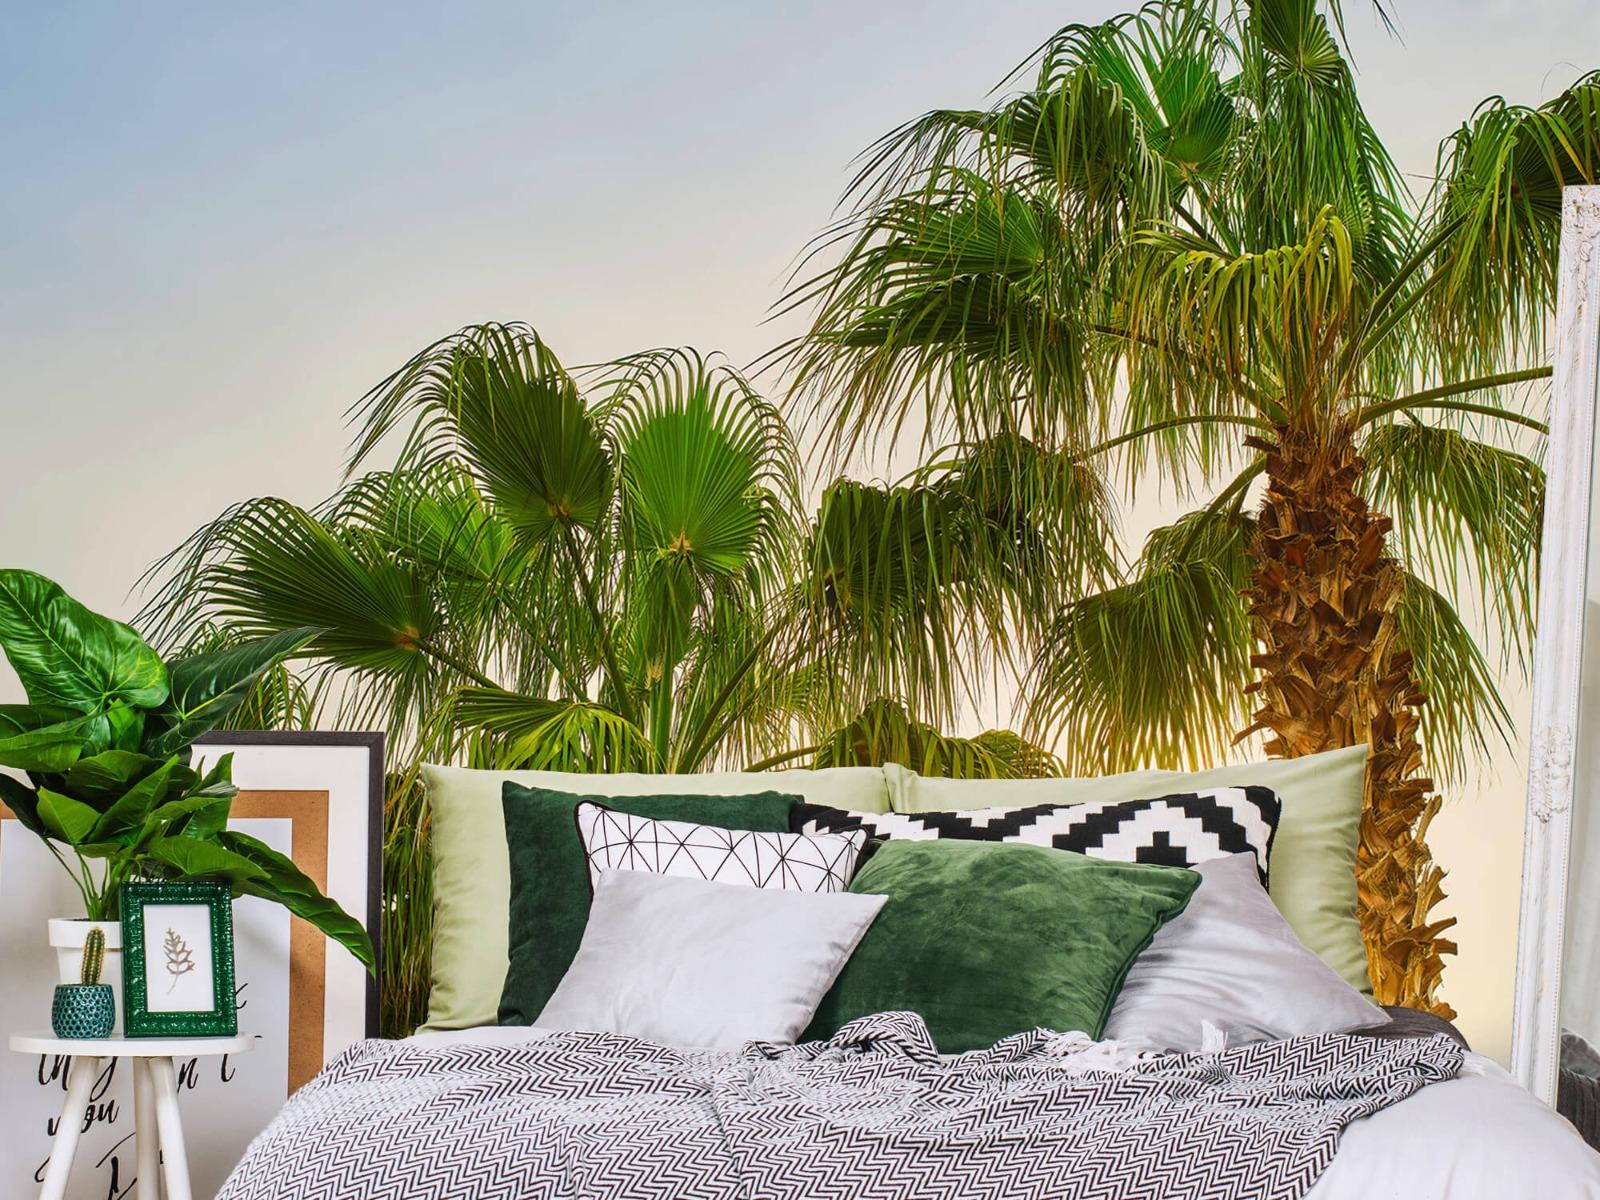 Palmbomen - Palmbomen met zon - Gang 13